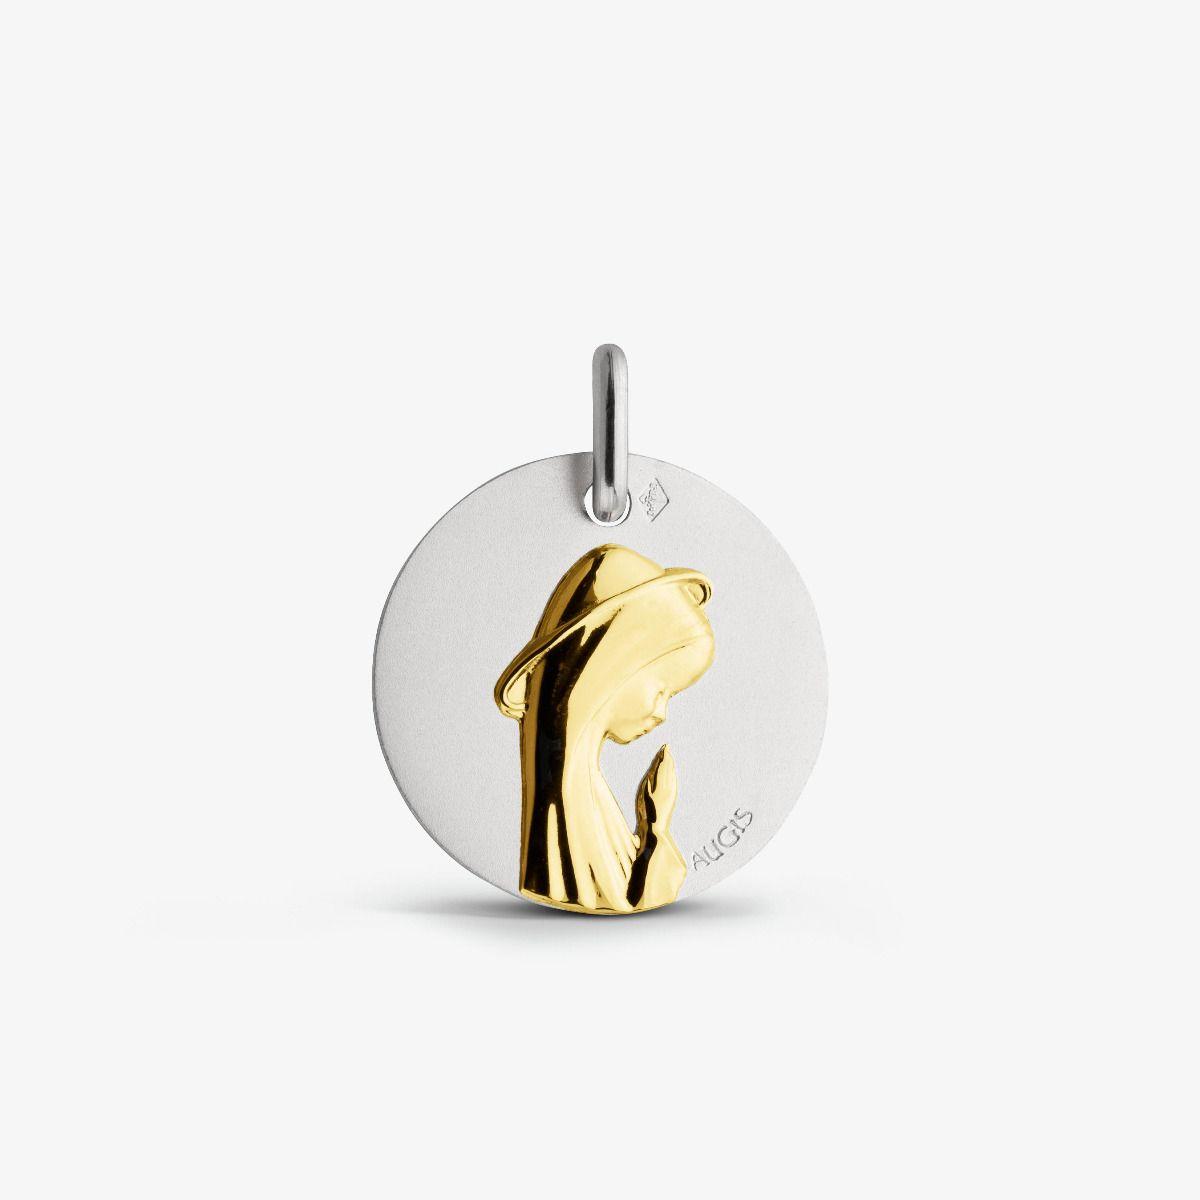 Médaille Vierge Priante Deux Ors 18 carats - 16 mm